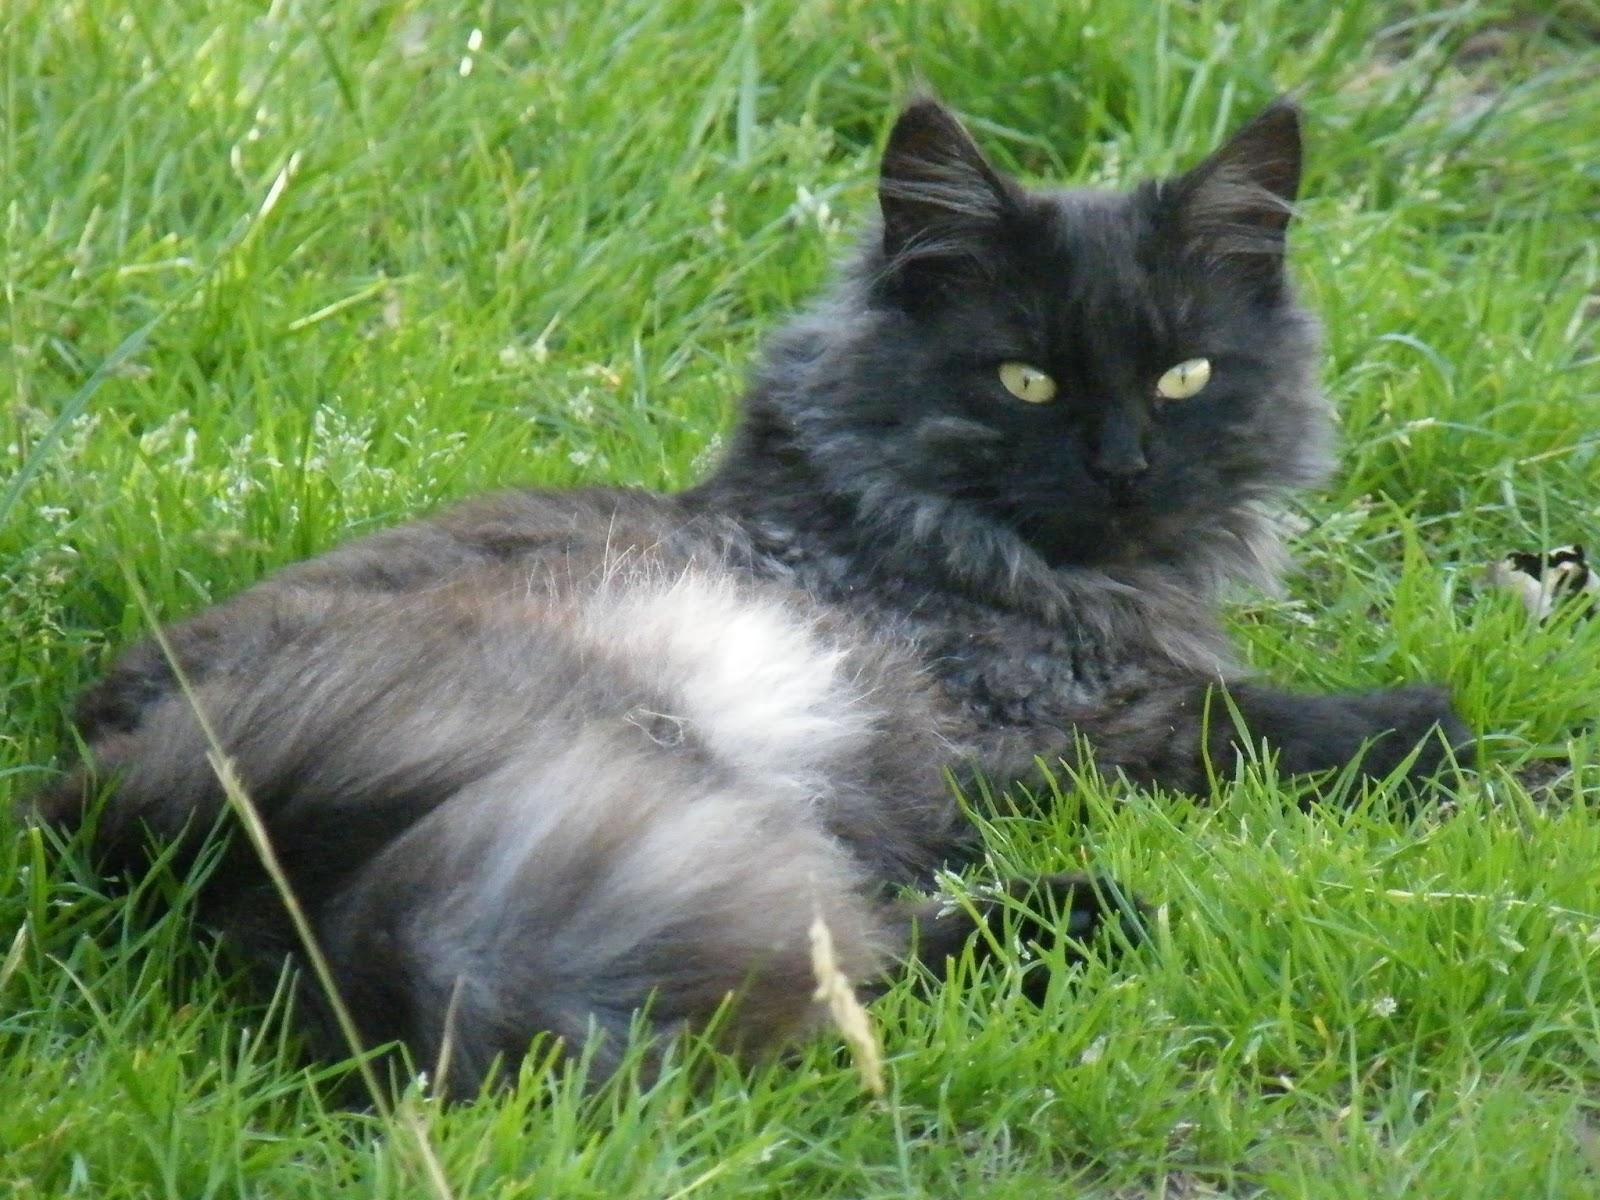 Tali's Tails: Black Smoke Cat ... Again